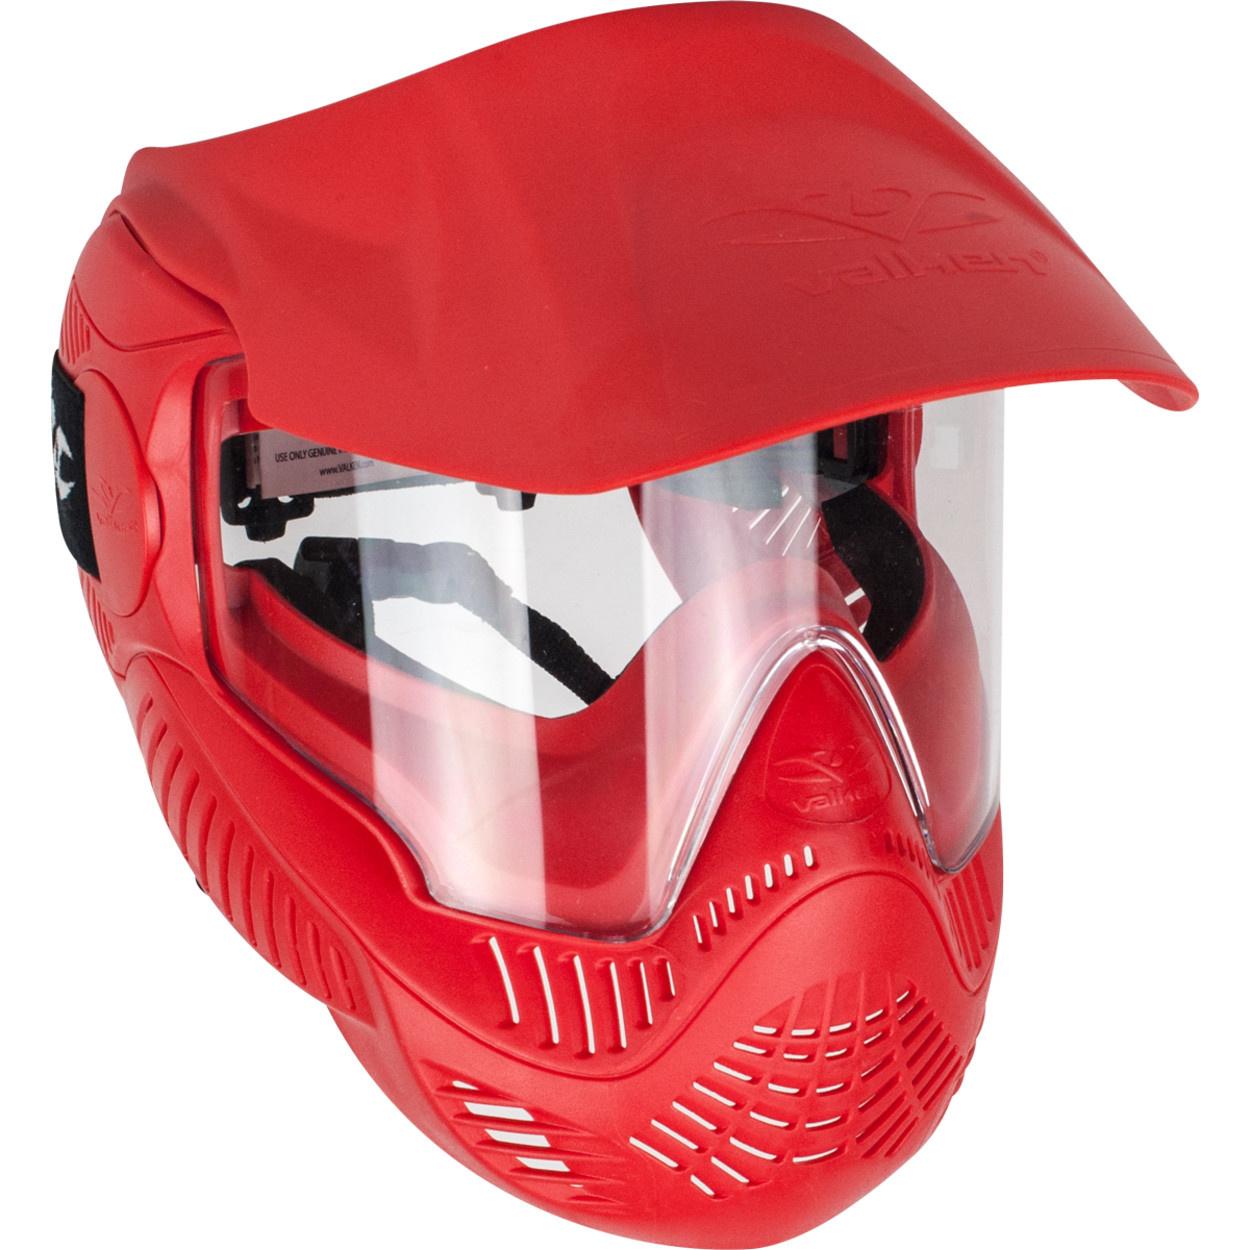 Valken Masque en verre thermique Gotcha MI-3 - rouge et bleu